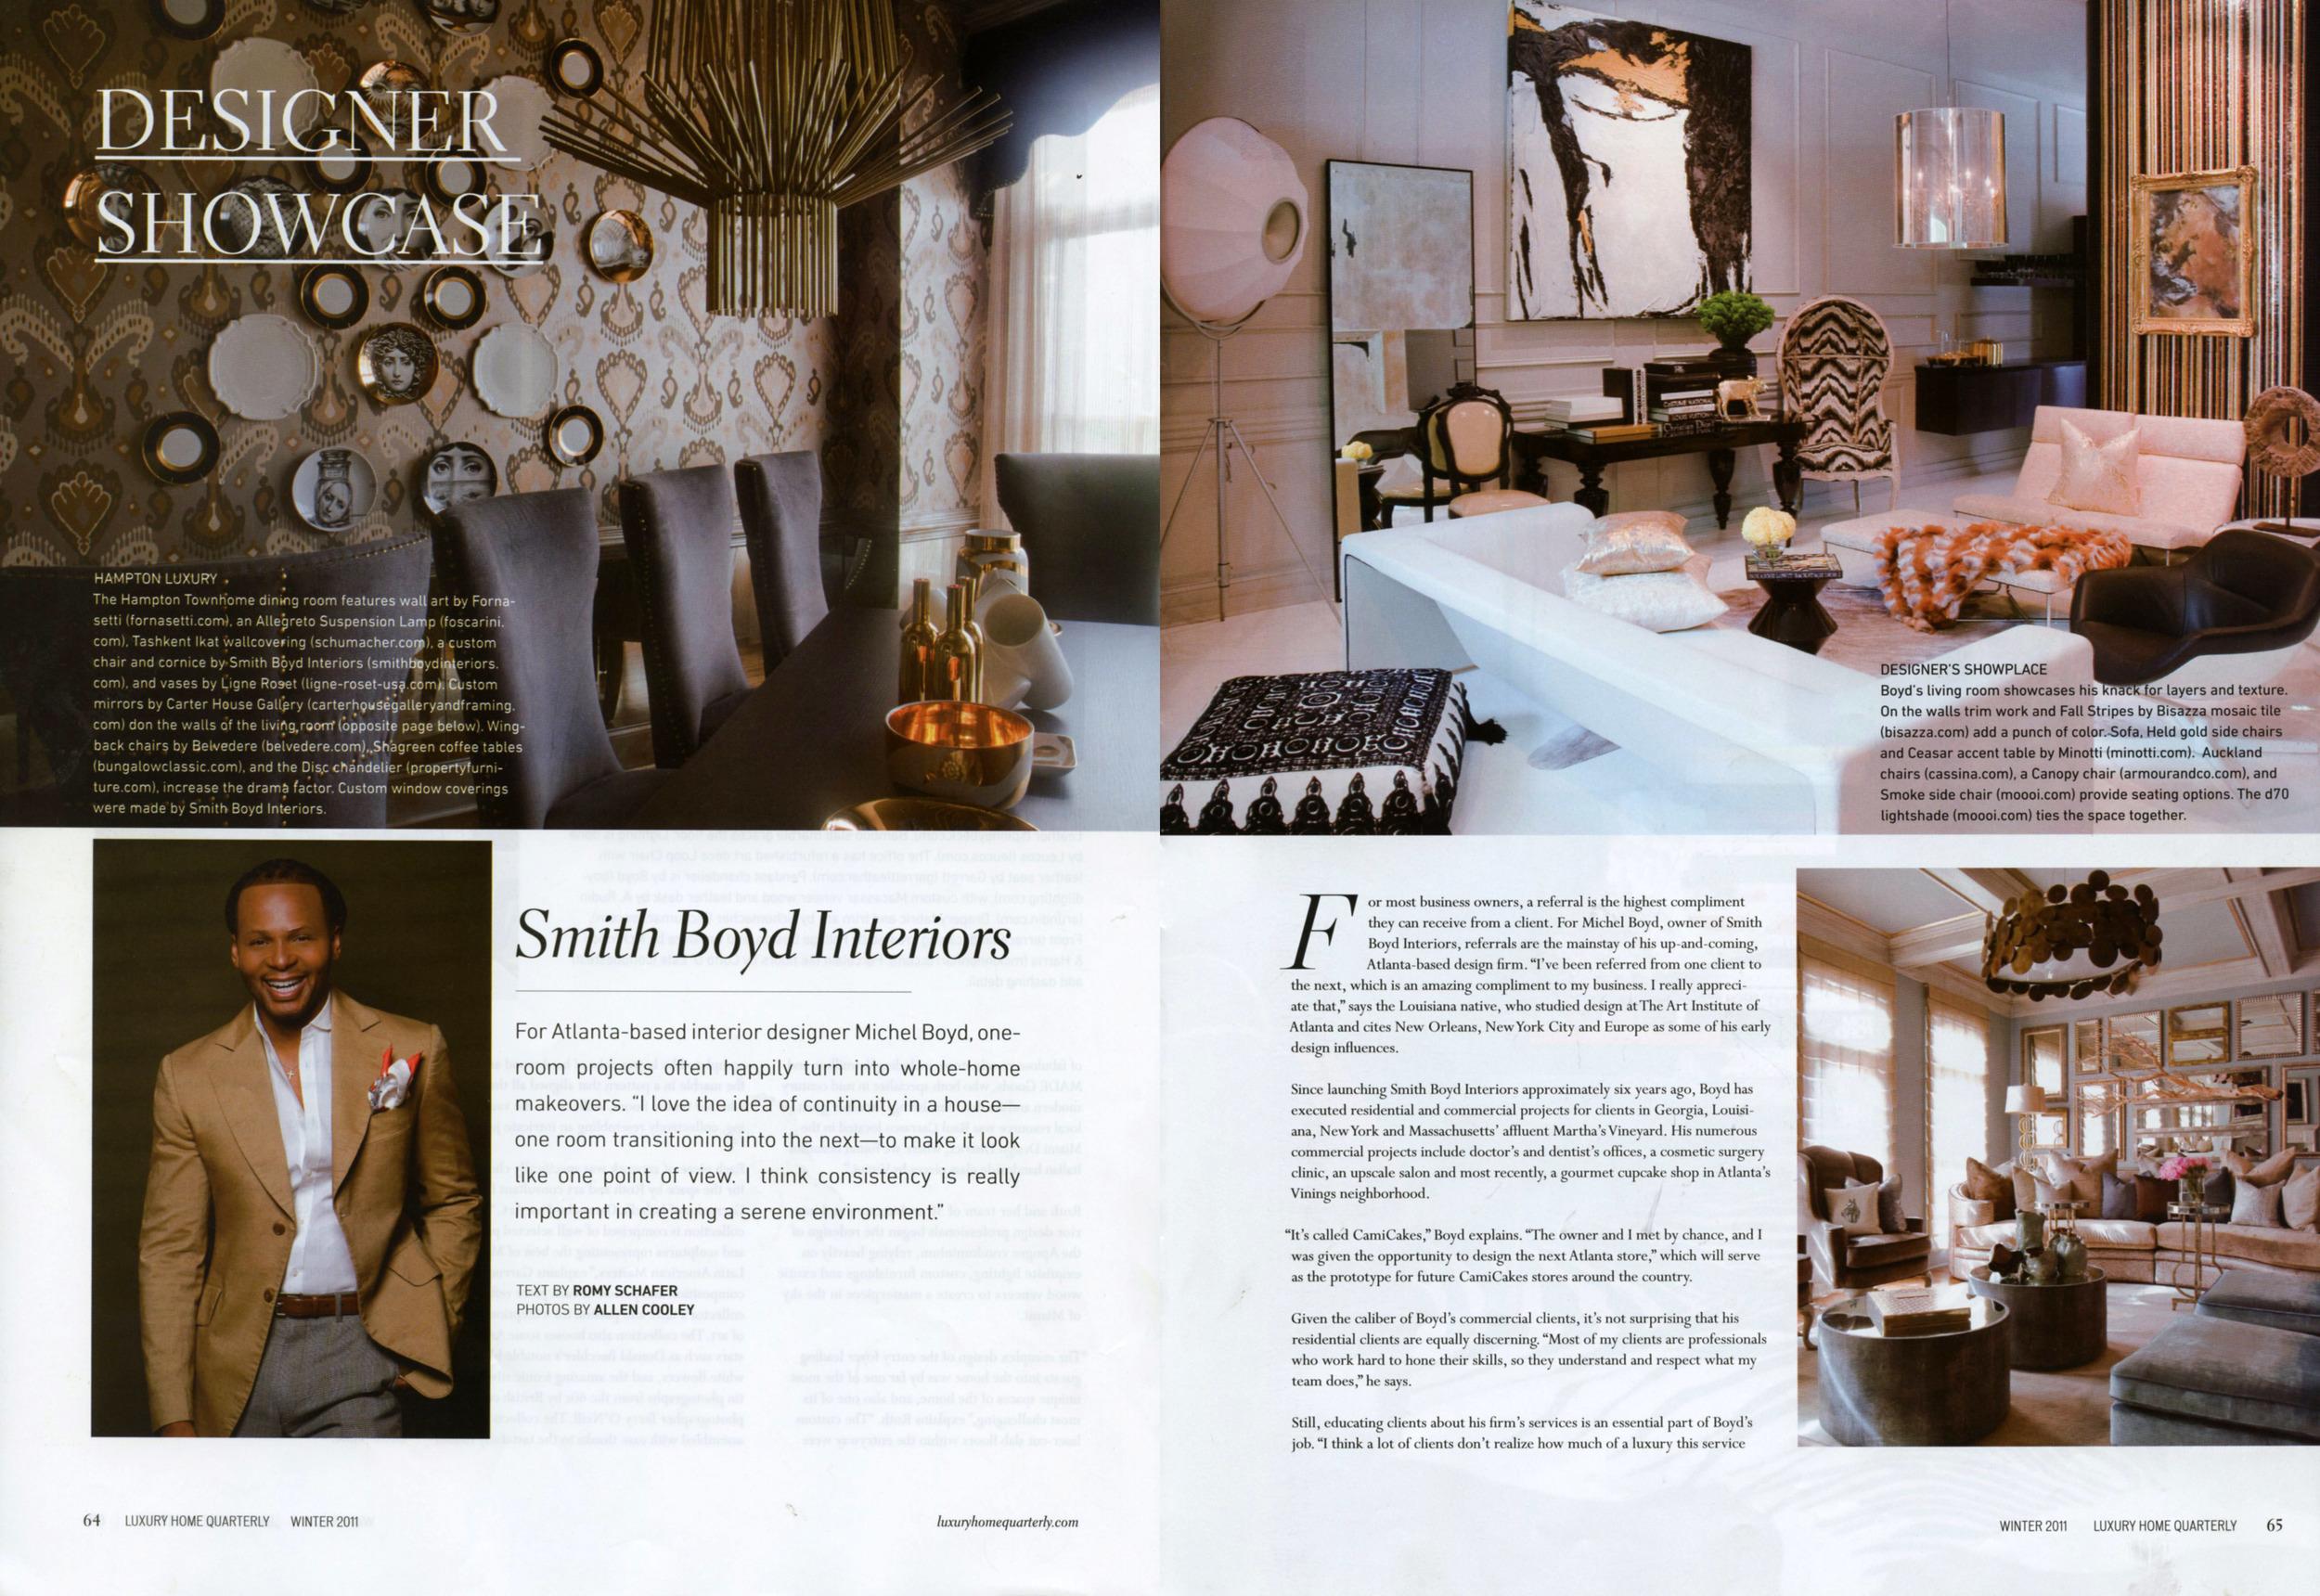 Winter 2012 Luxury combined 1 for web.jpg